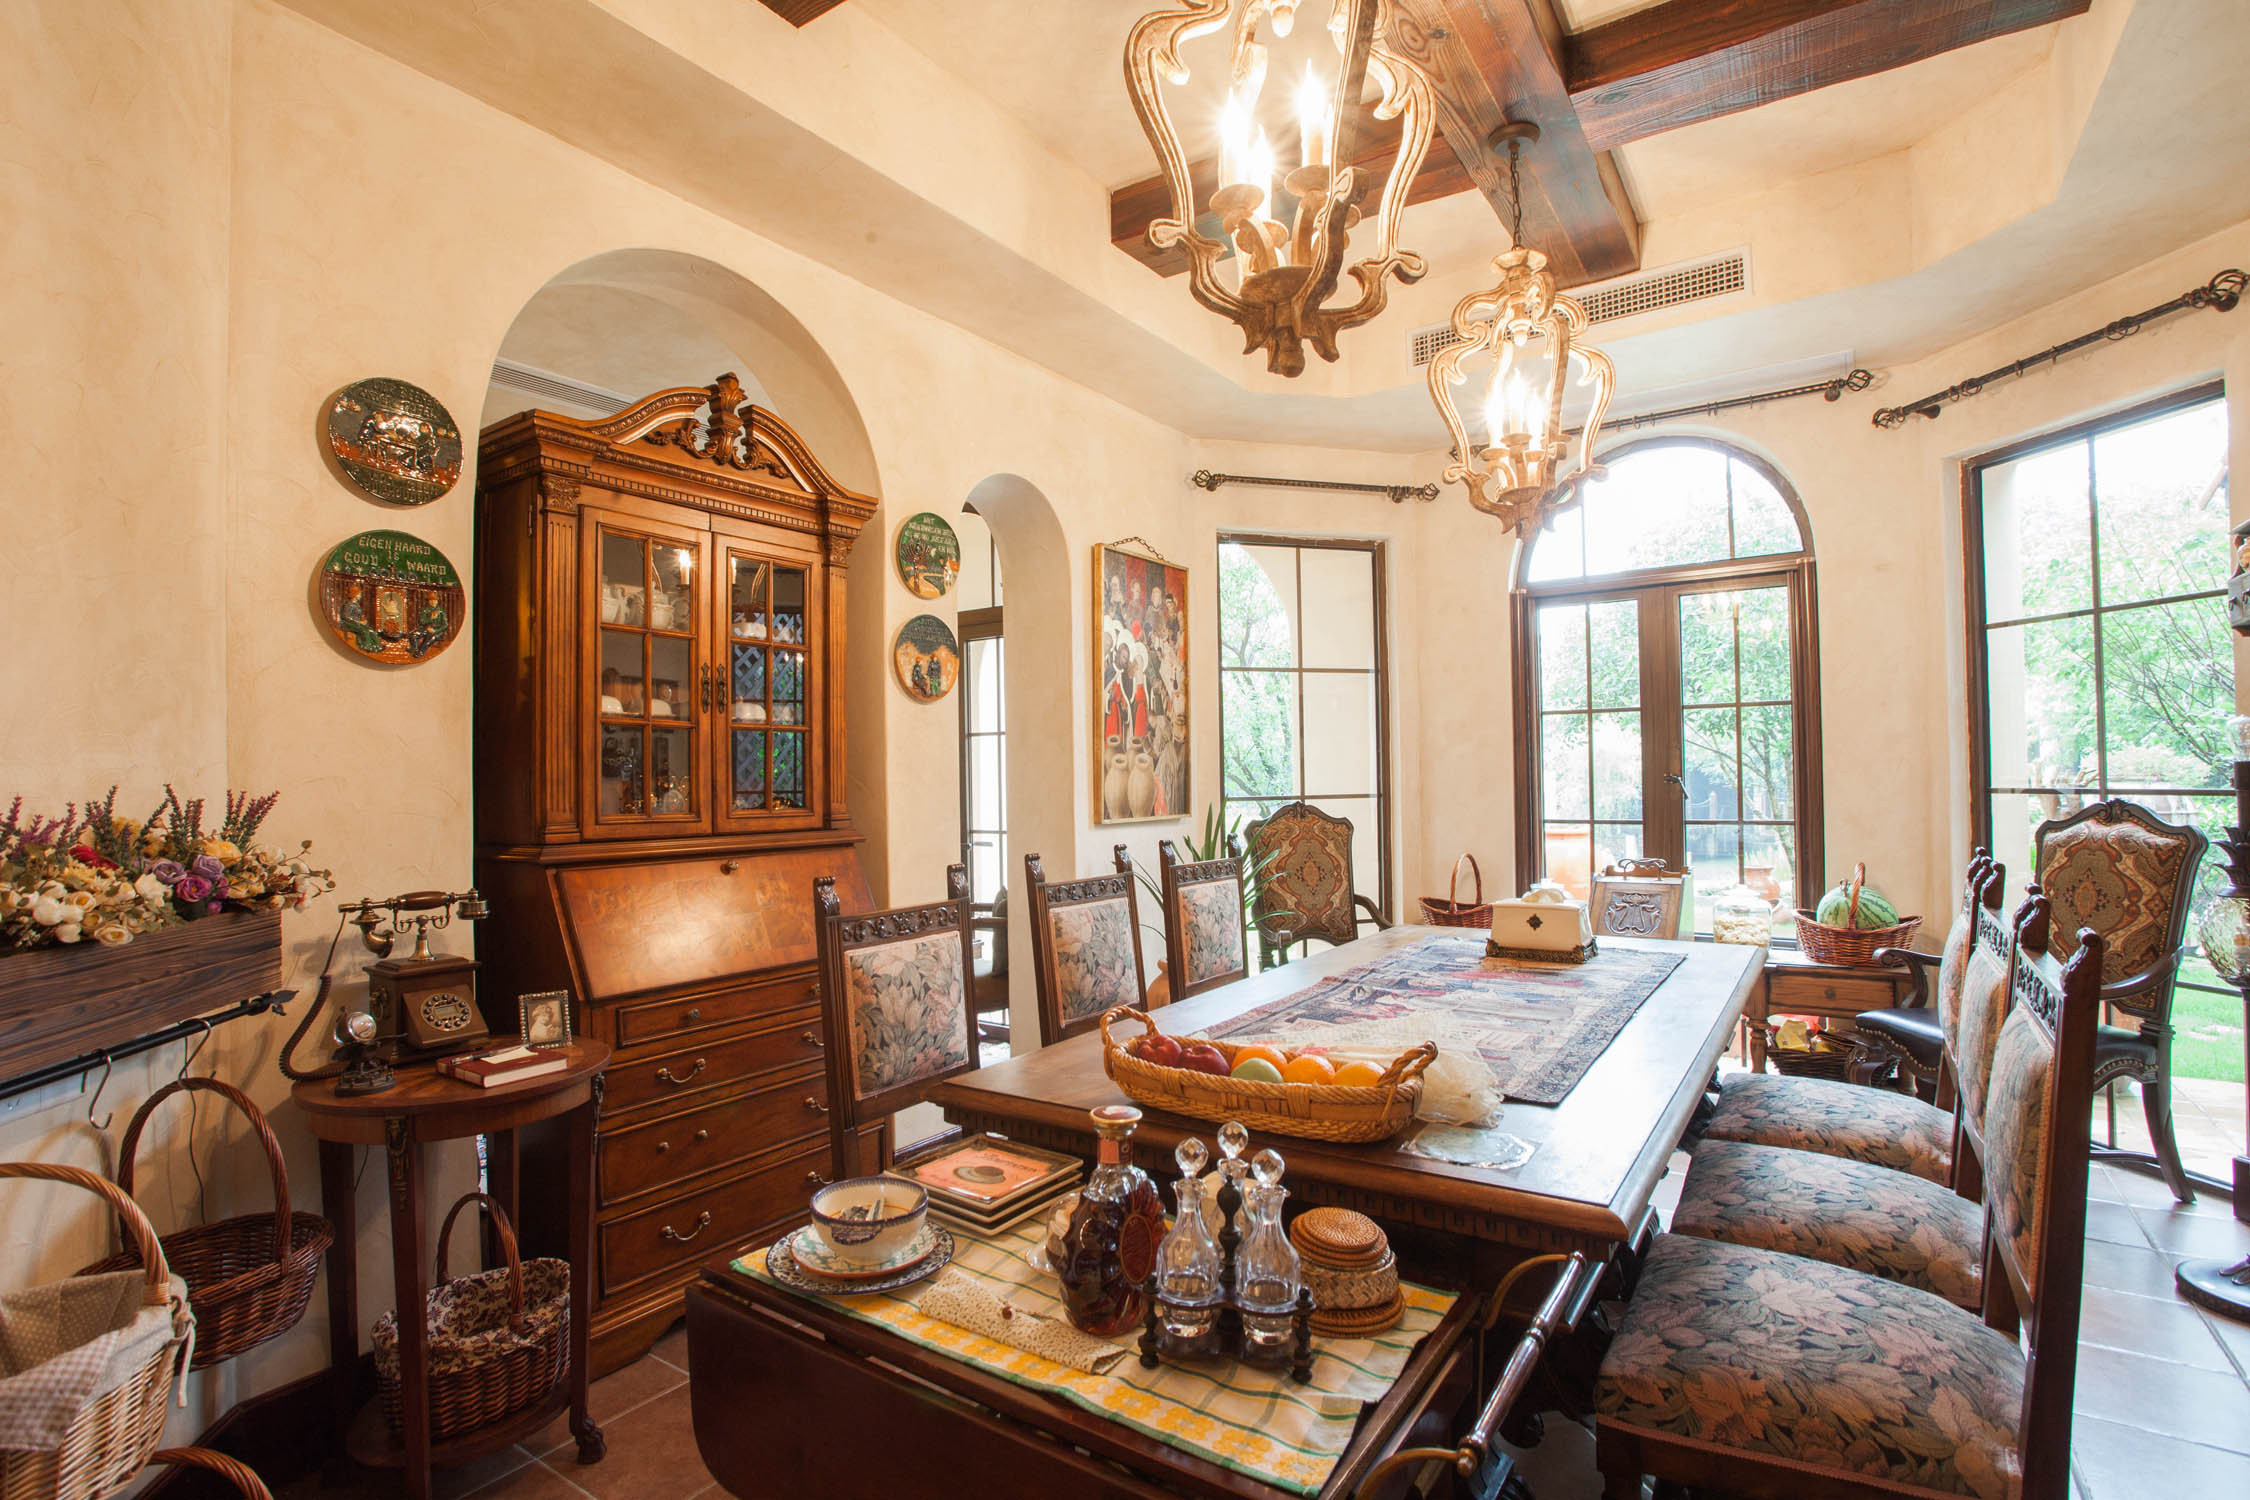 美式乡村别墅装修餐厅设计图